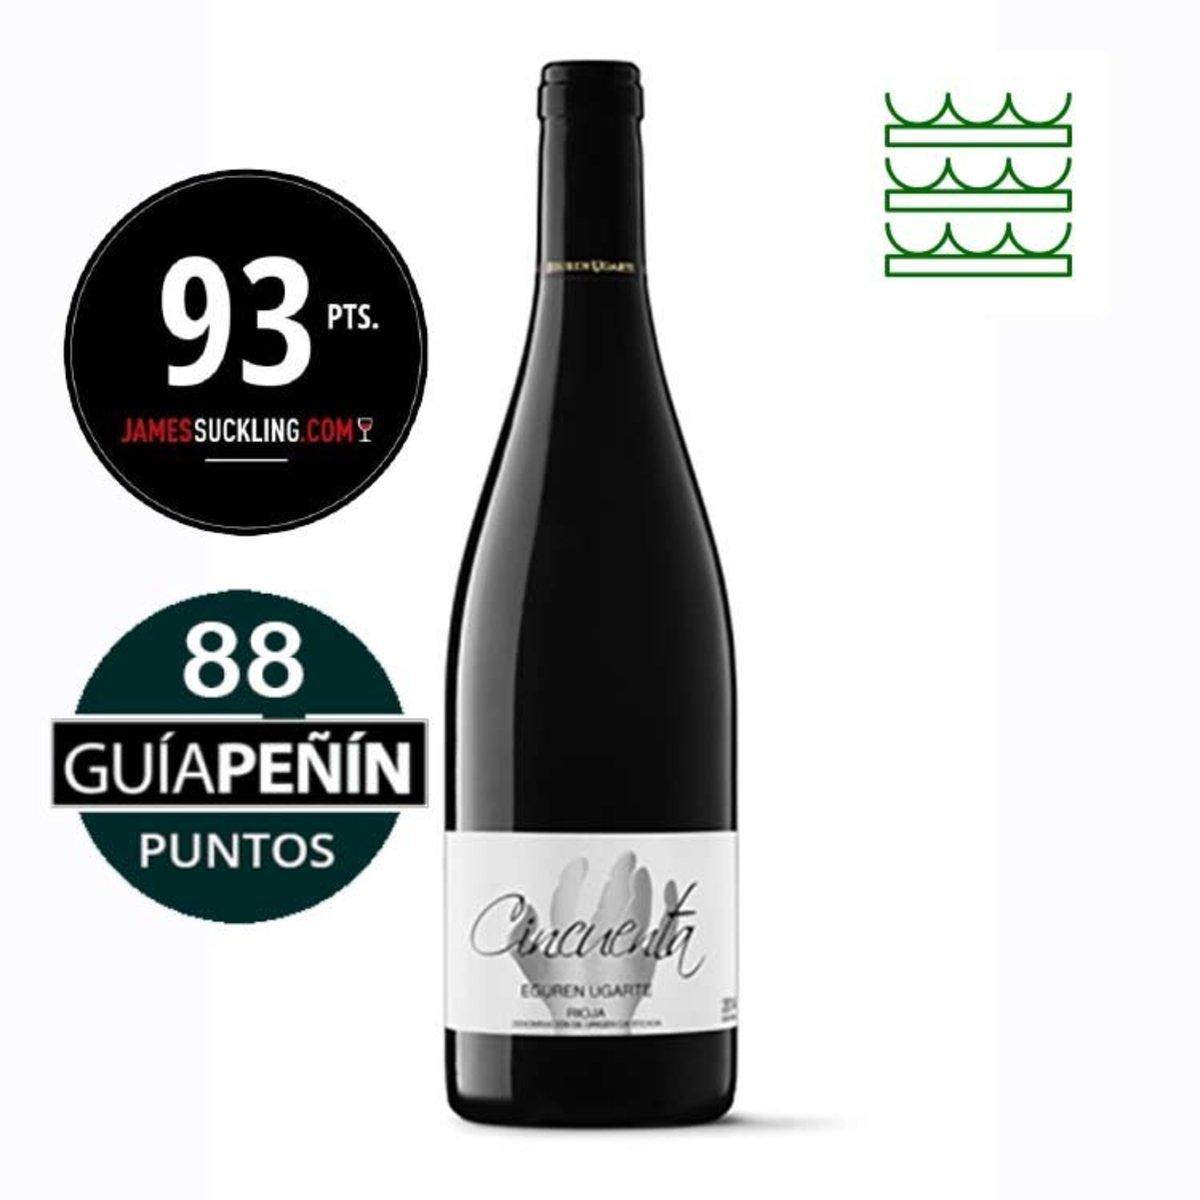 西班牙紅酒里奧哈50年老藤 Cincuenta 2015